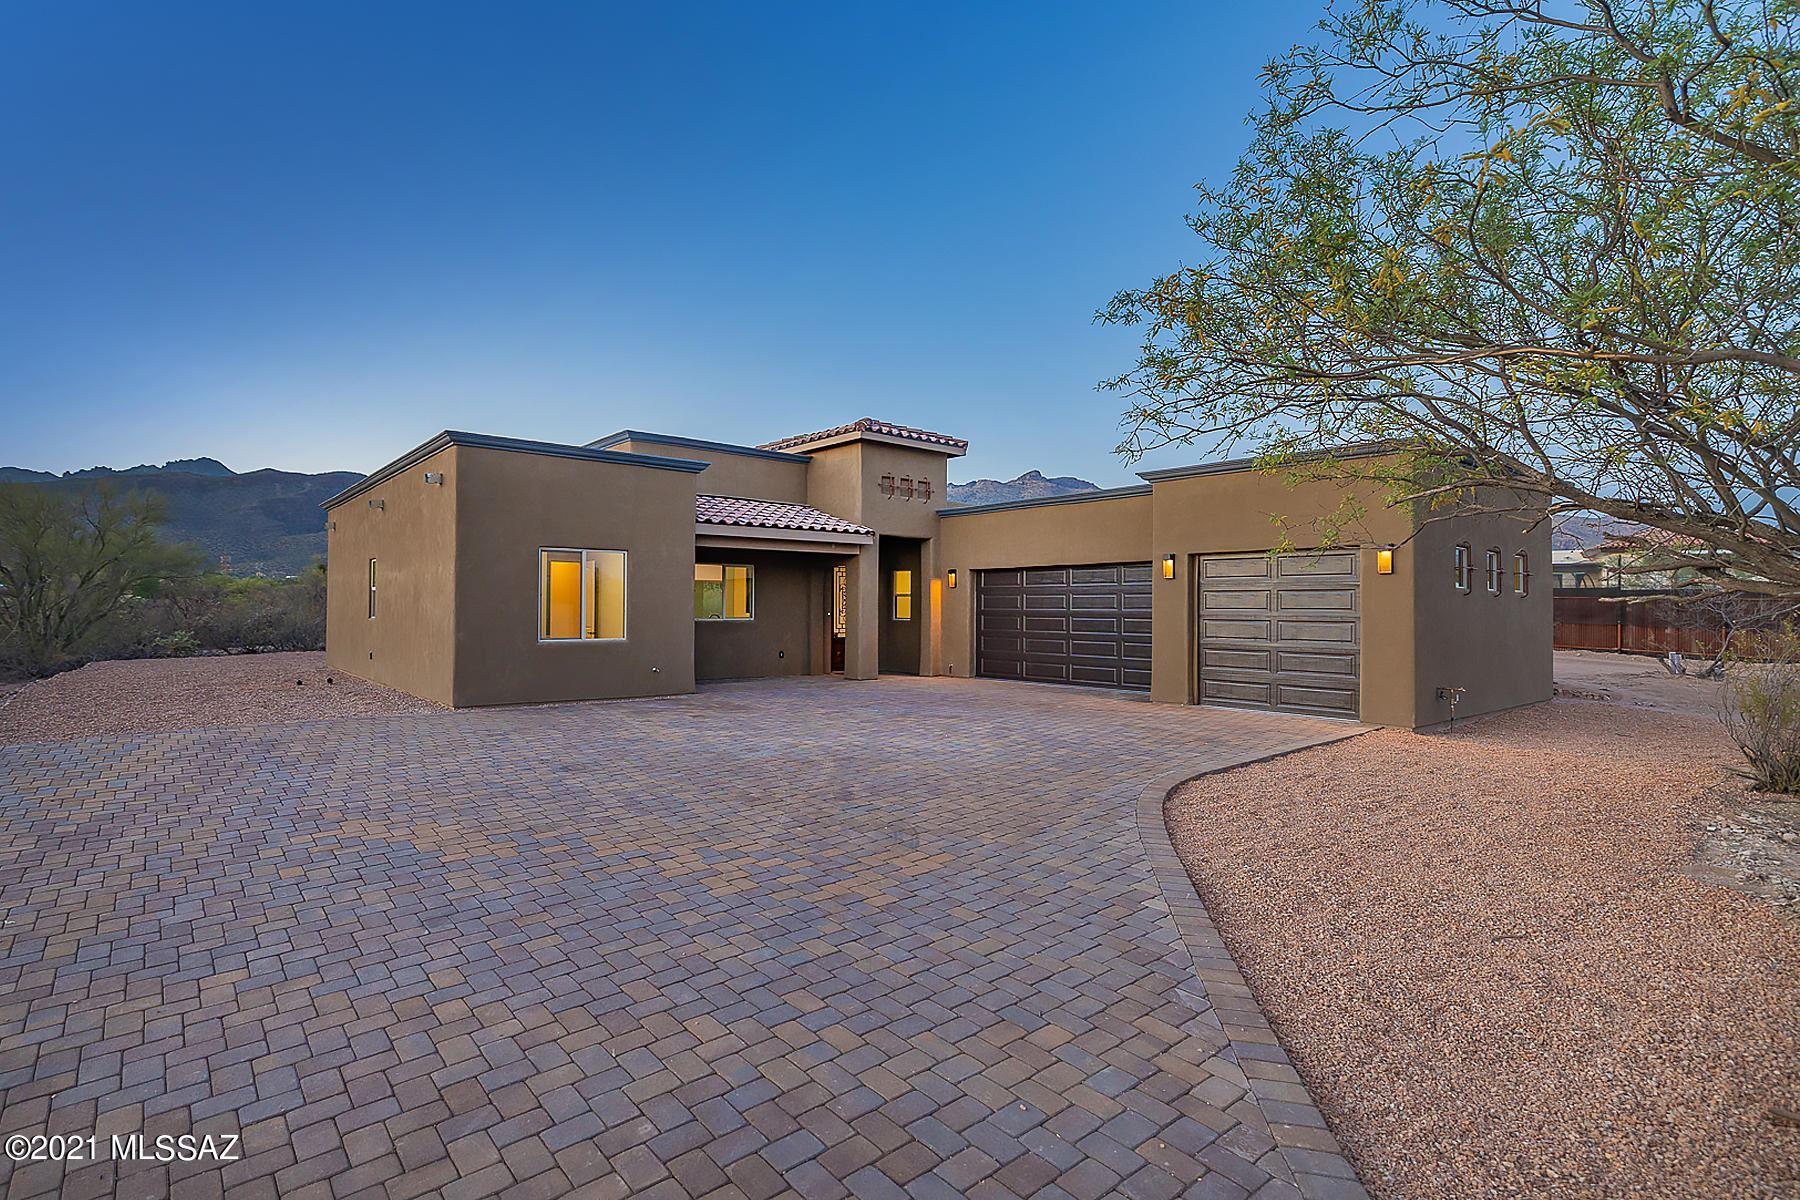 9681 E Walnut Tree Drive, Tucson, AZ 85749 - MLS#: 22112334